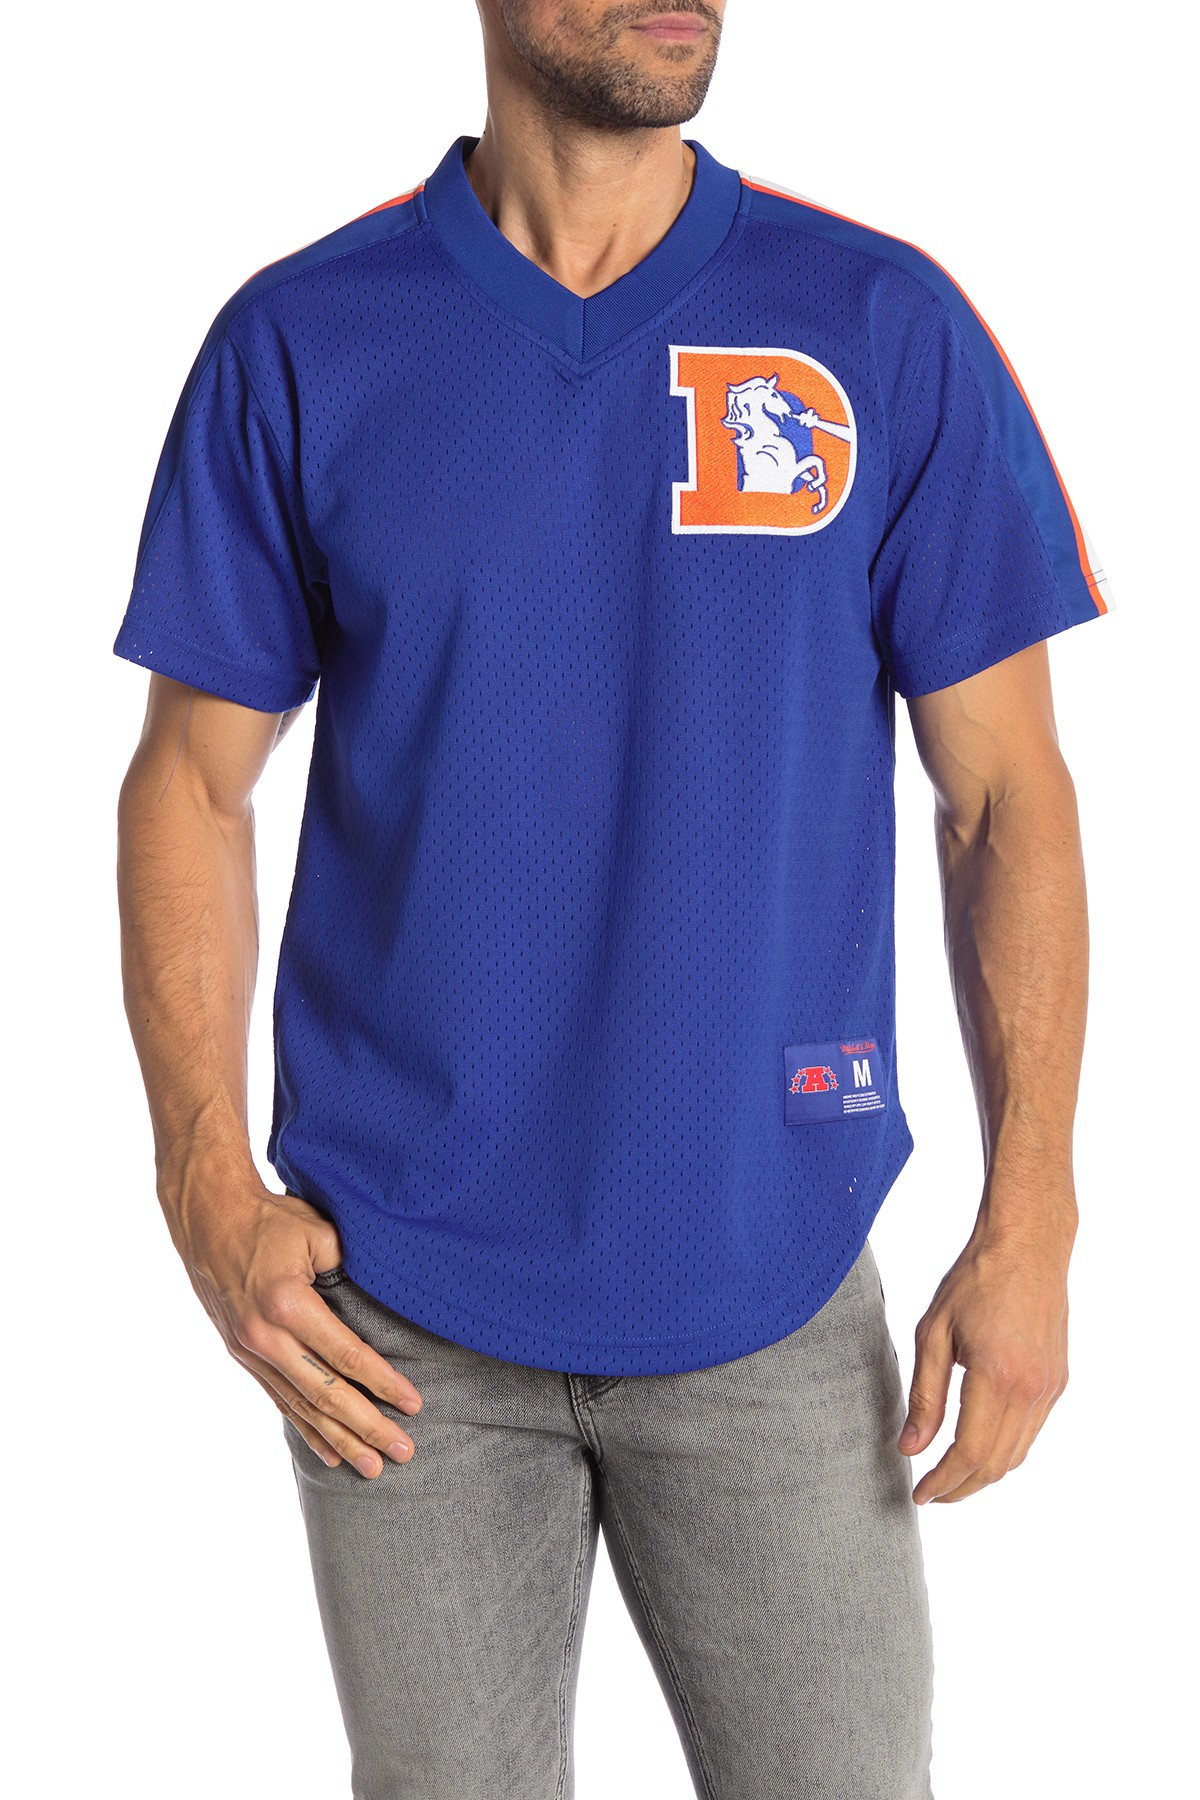 denver broncos womens polo shirt